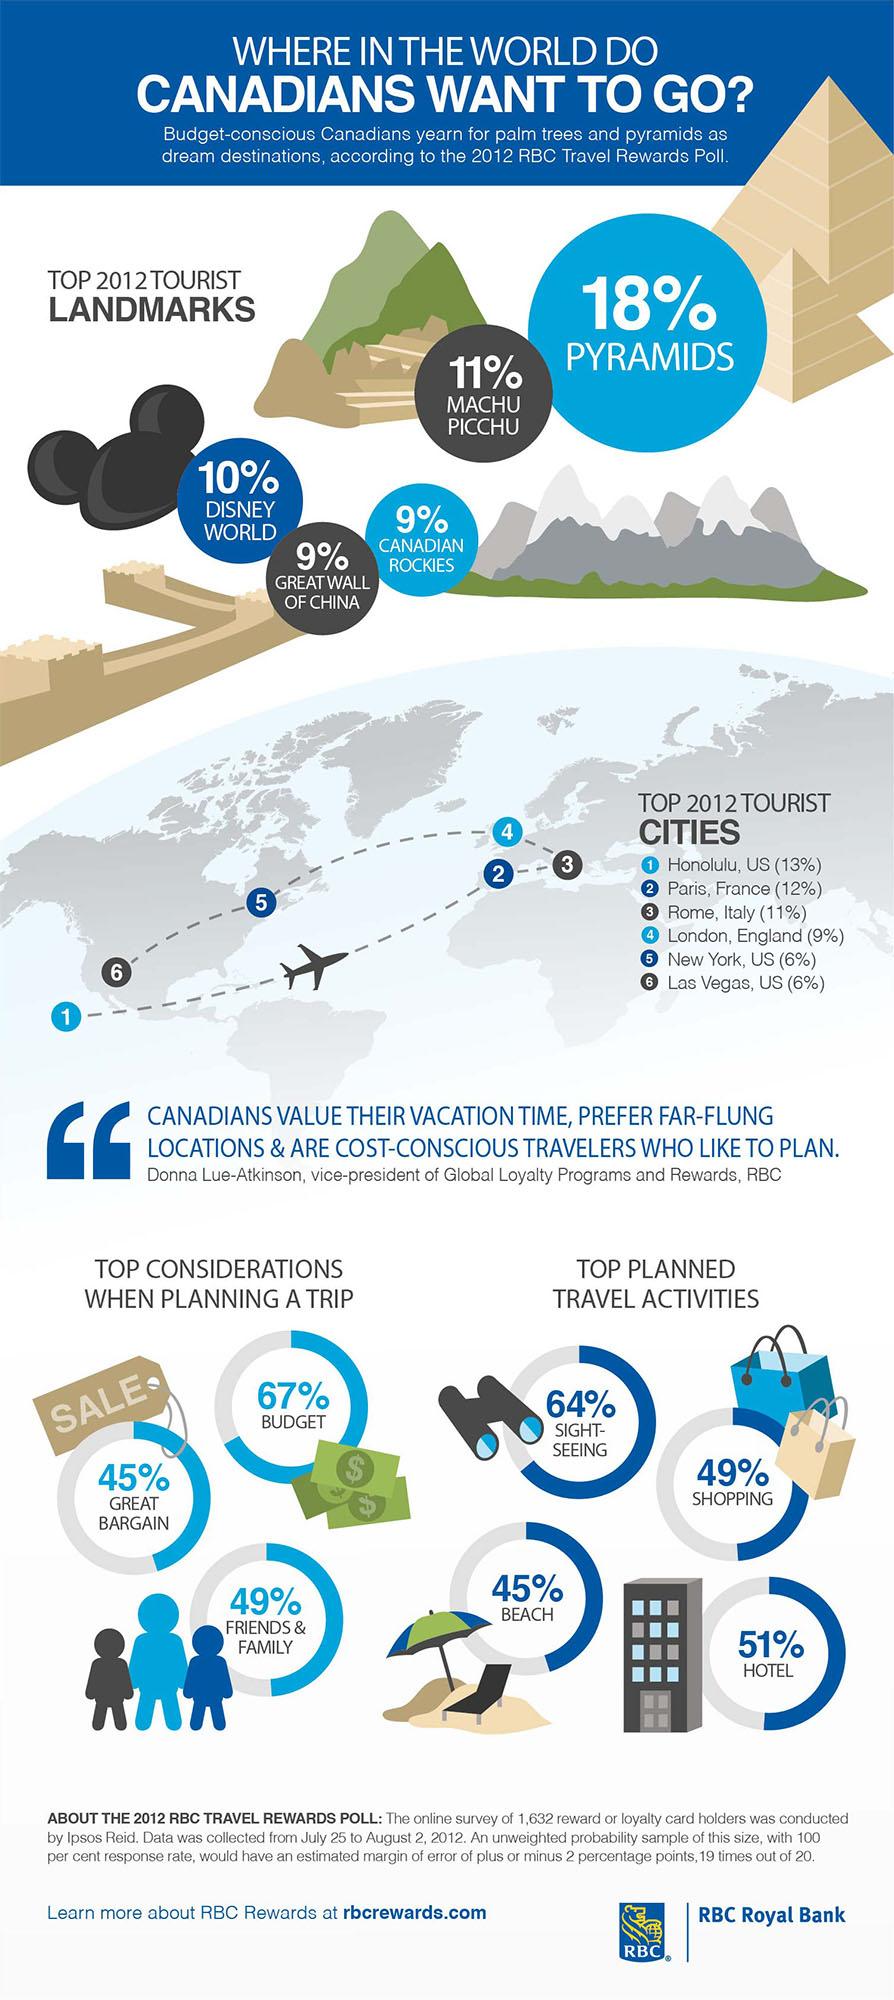 RBC - Budget-conscious Canadians